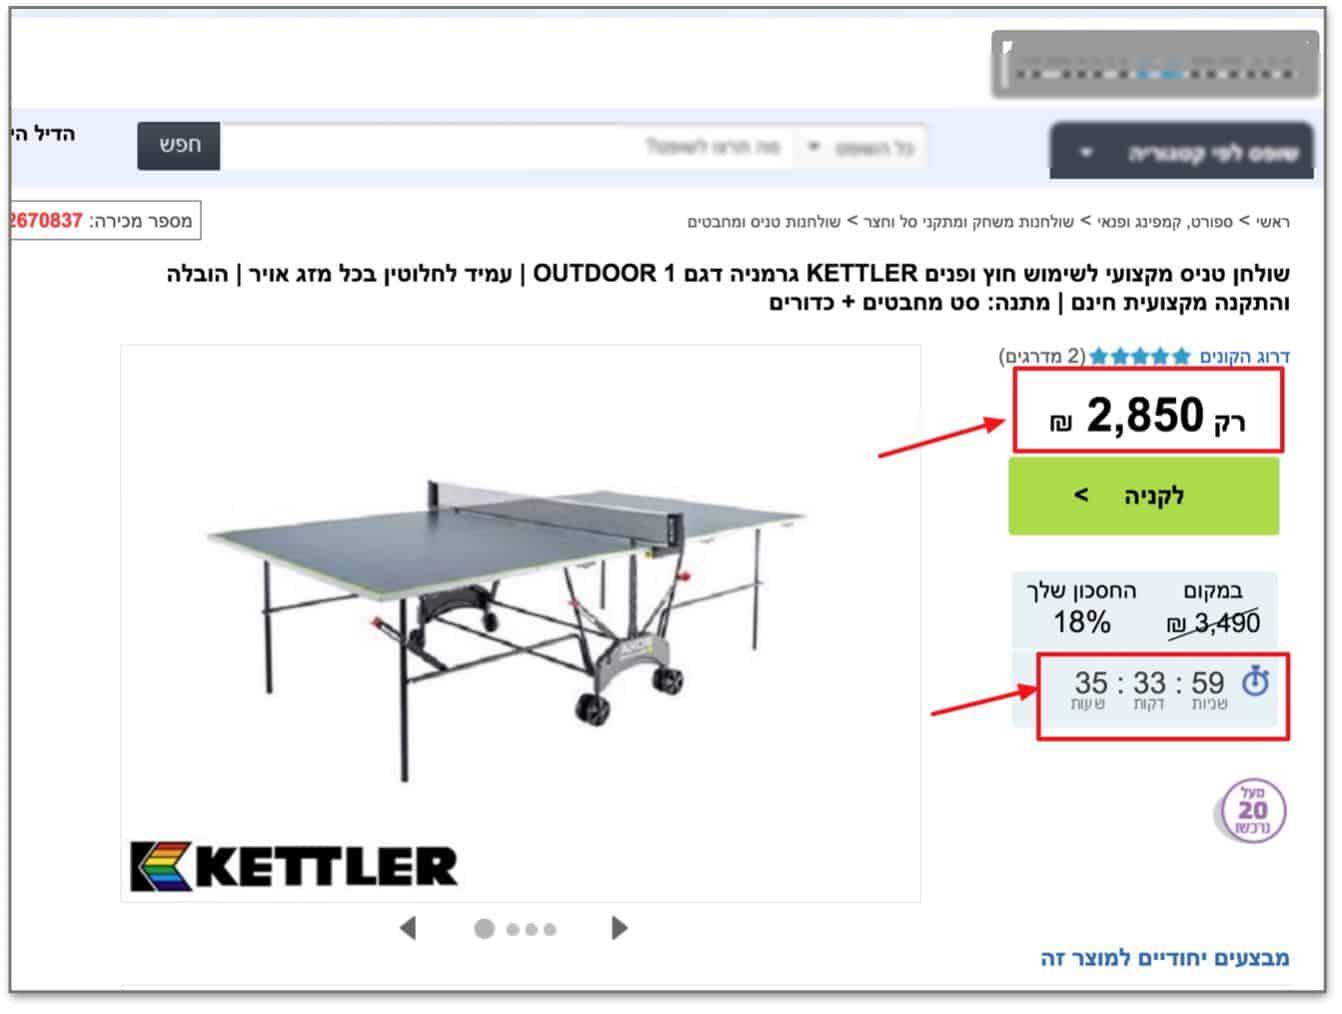 שולחן טניס לשימוש חוץ במבצע, או סתם שטיק של אתר ידוע?